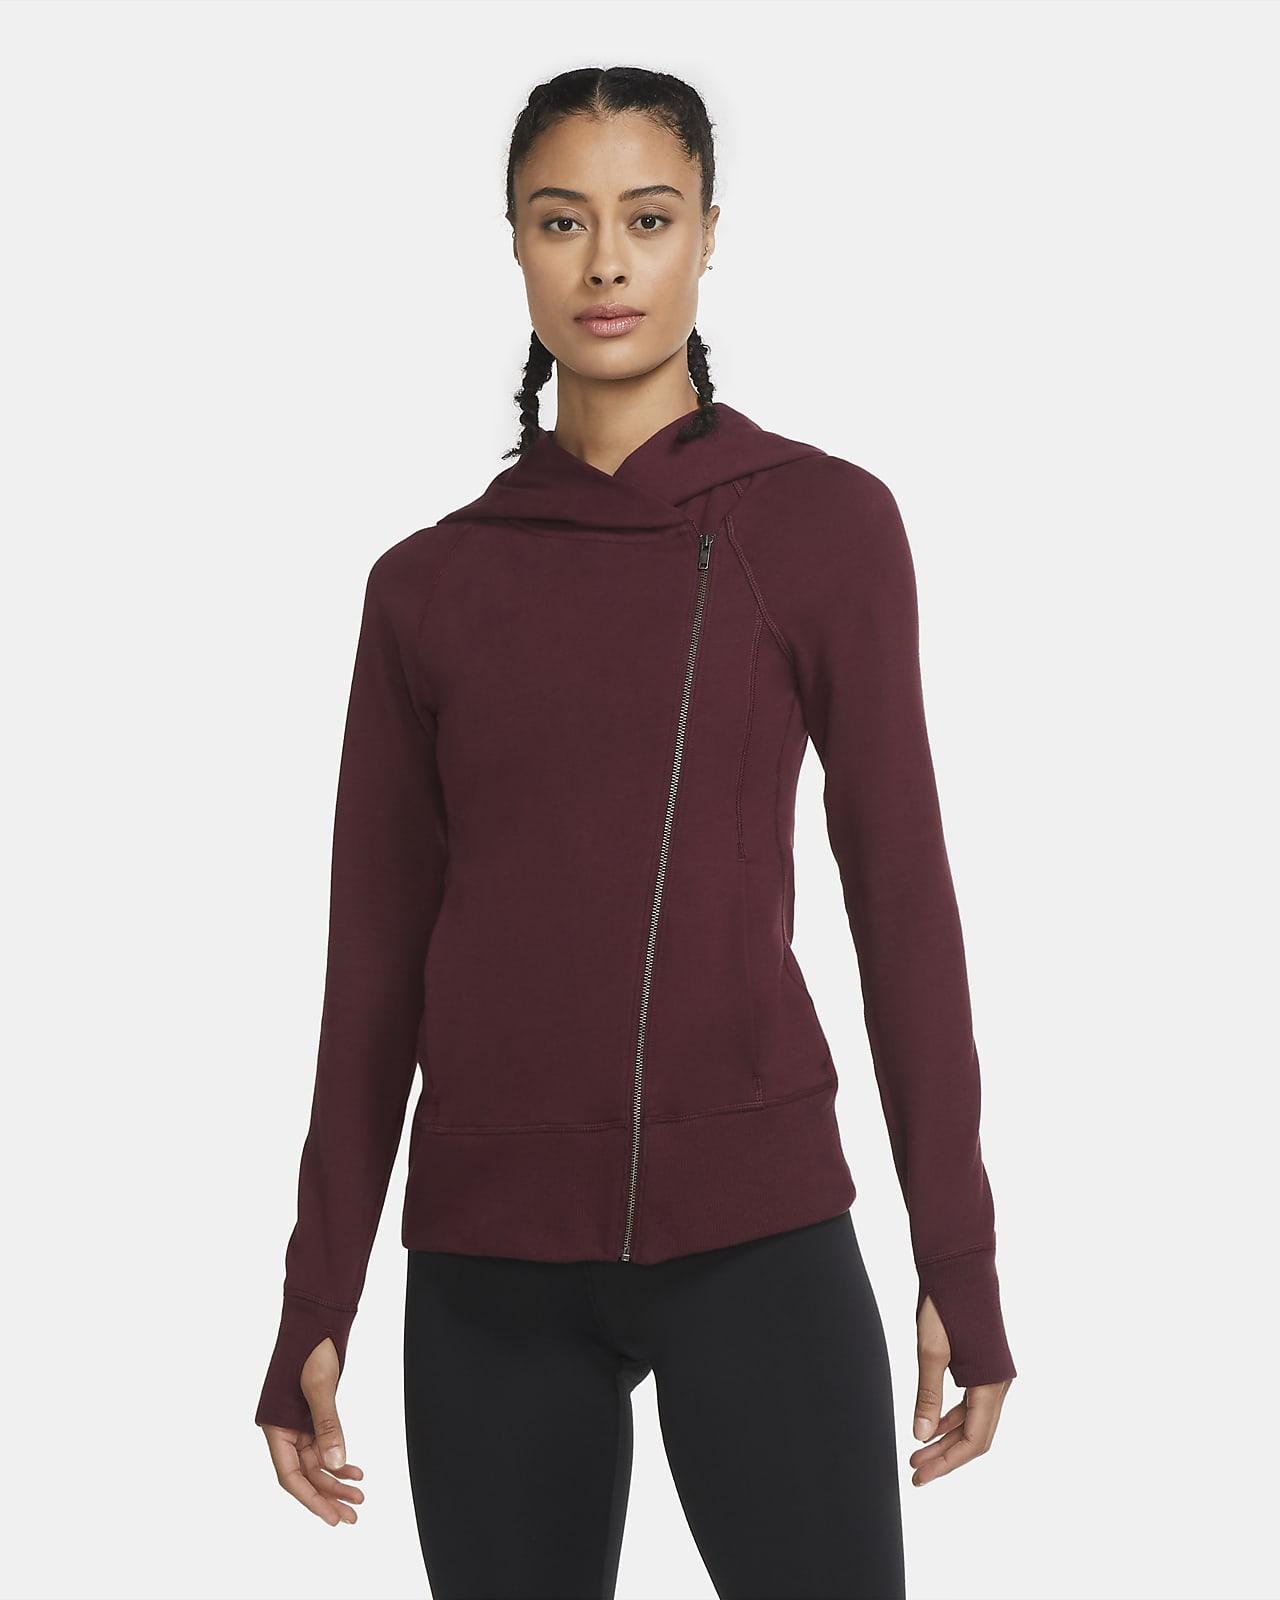 Nike Yoga Dessuadora amb caputxa i cremallera completa - Dona